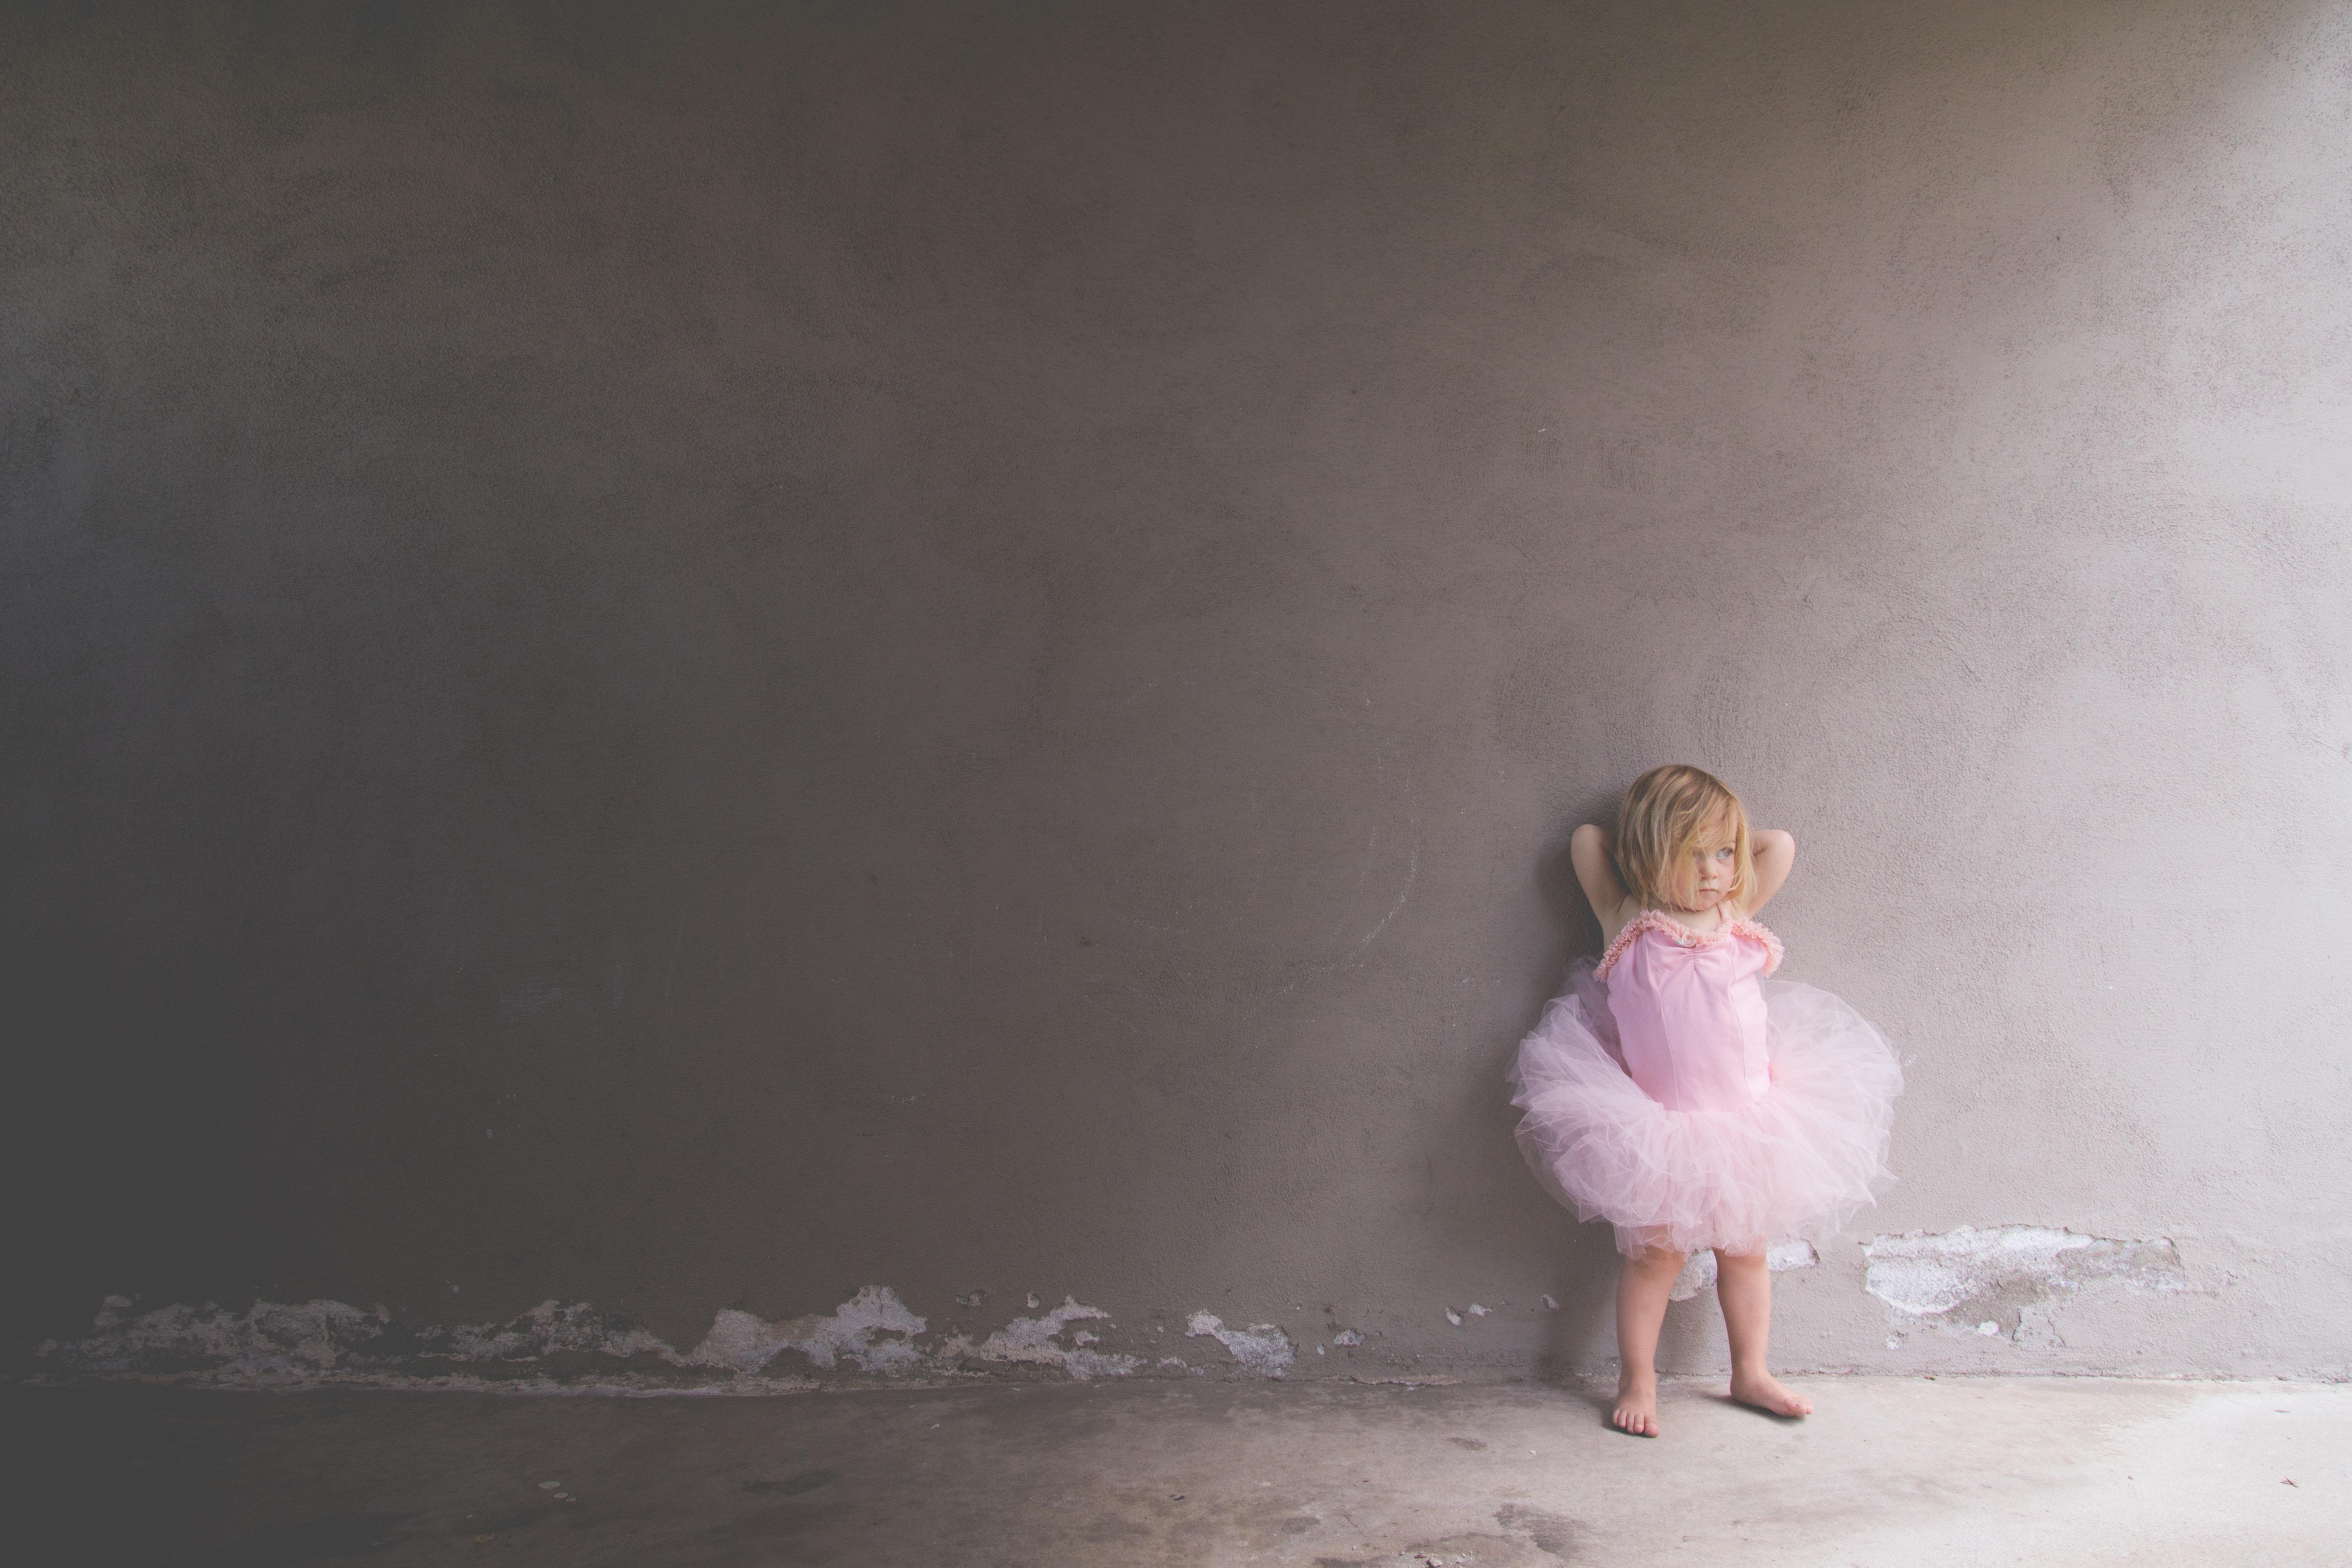 дети детская психология Лиля Сидоренко родители советы родителям, Маленькие детки – маленькие бедки, Детская психология Новости Статьи, psychologies.today